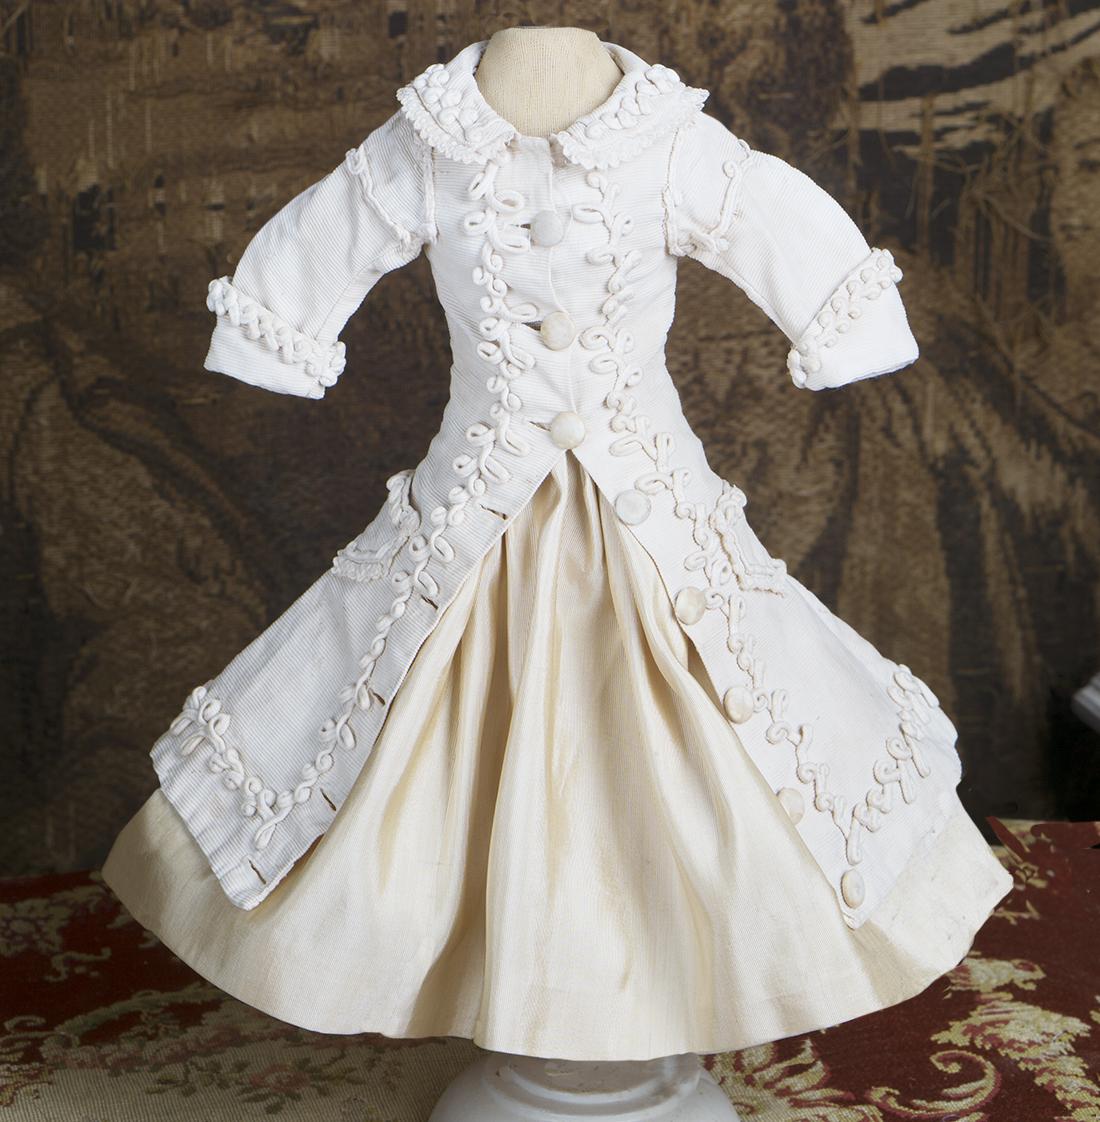 Antique enfantine costume